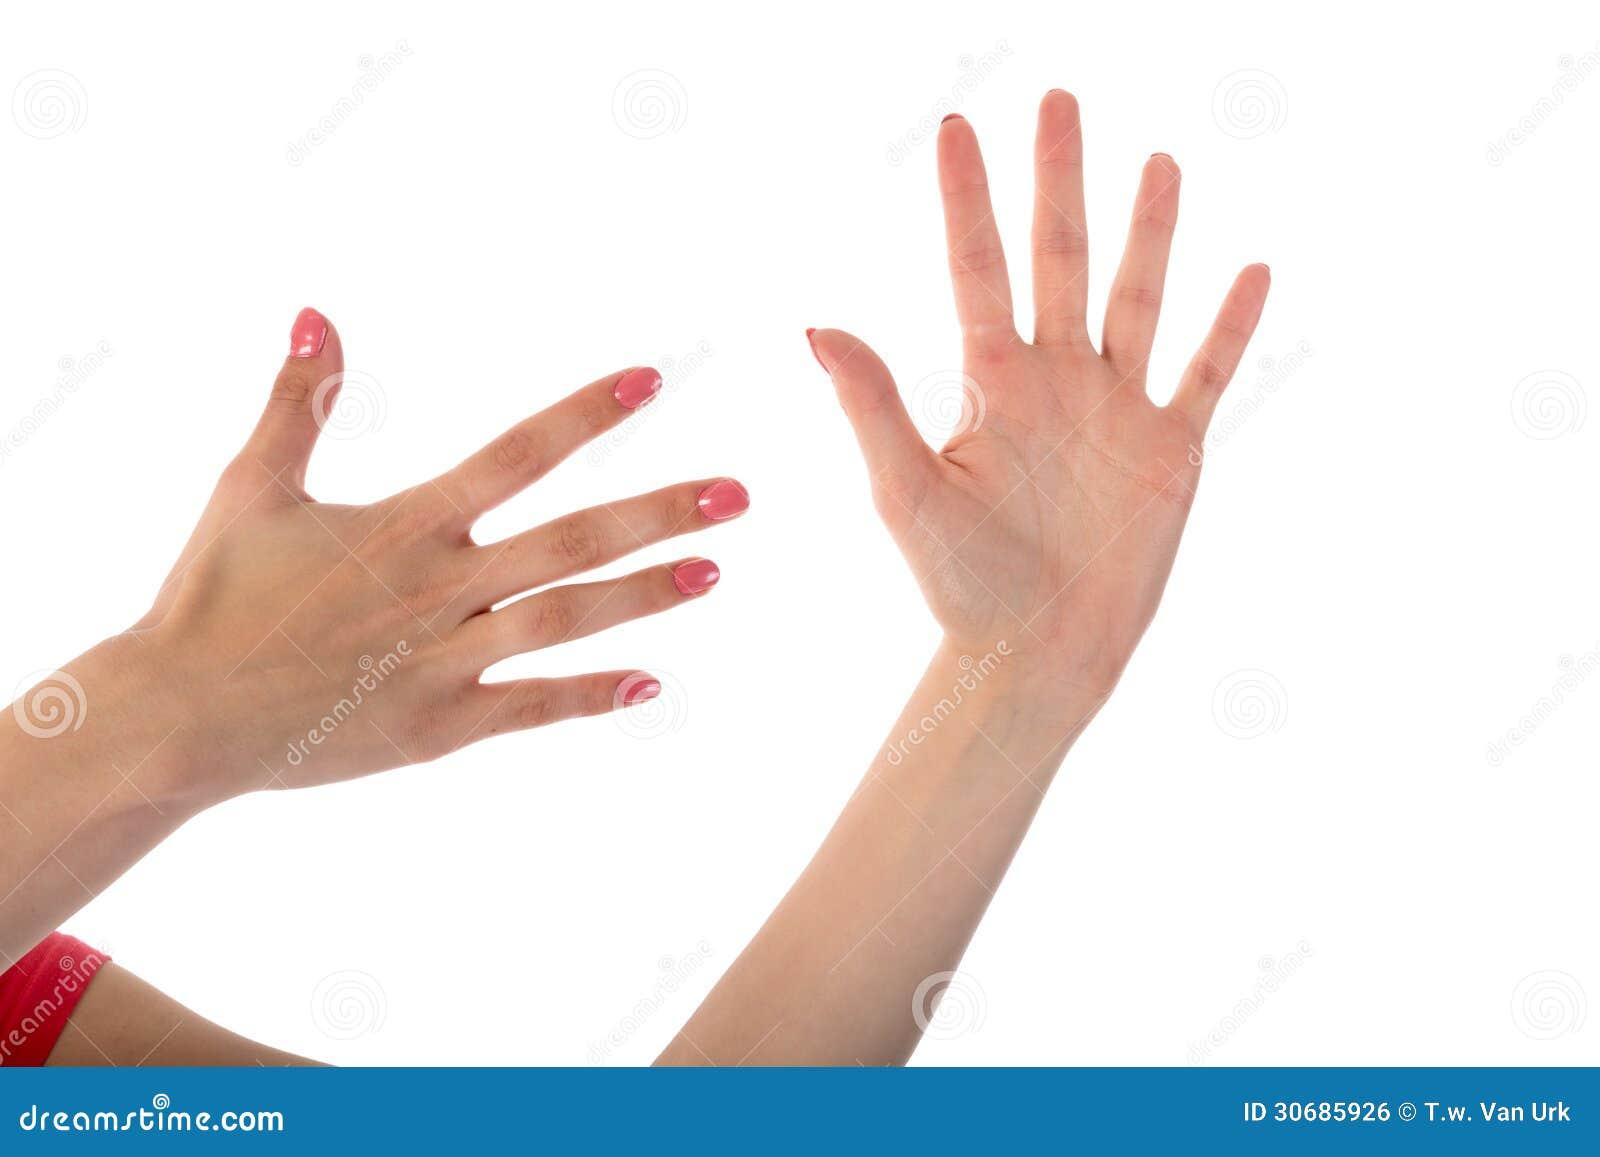 ten hands